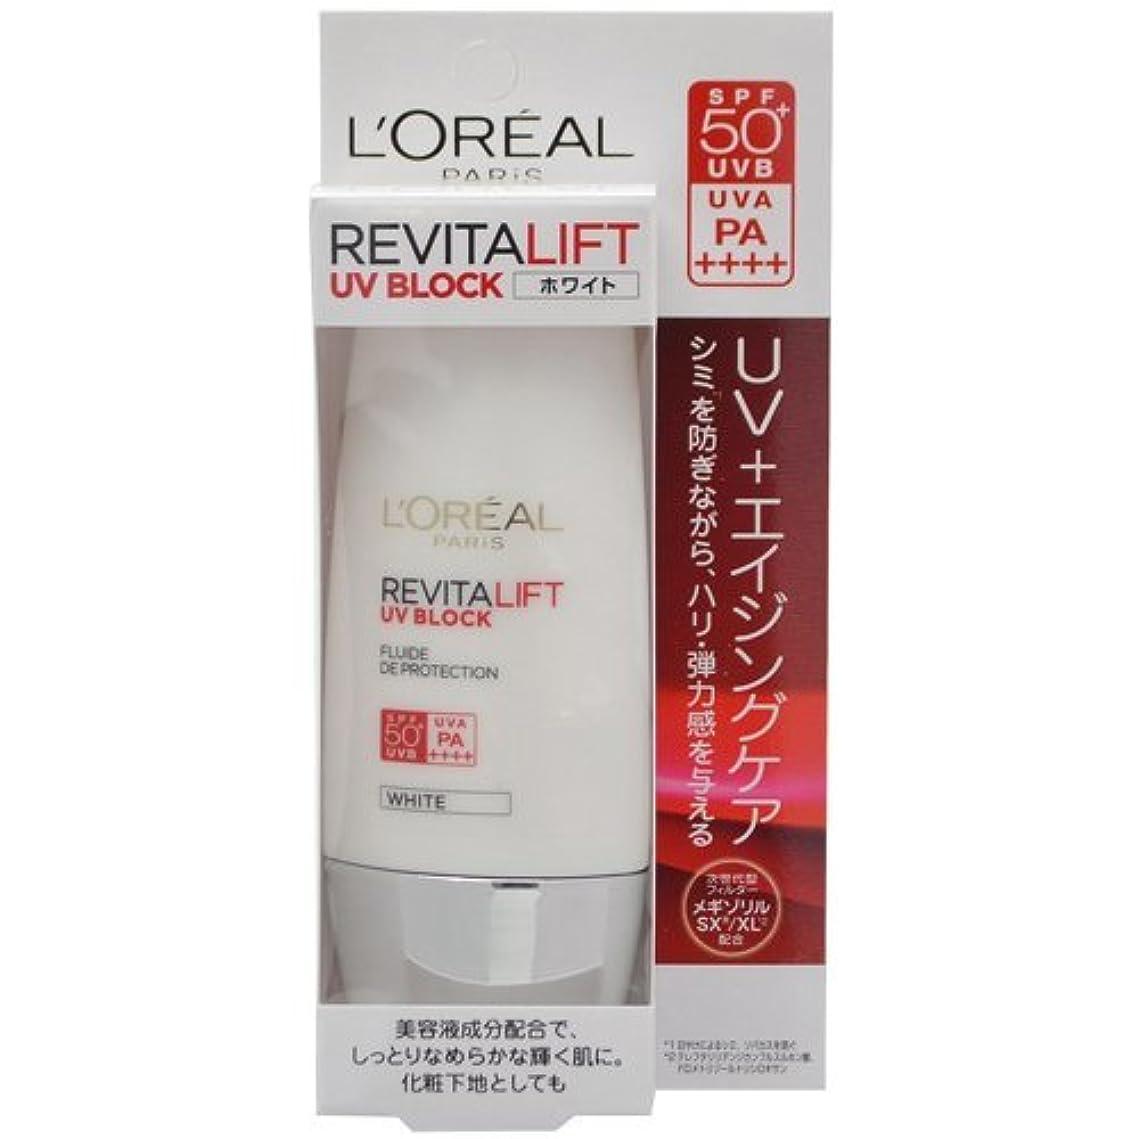 痛み公流行ロレアル パリ リバイタルリフト UV ブロック ホワイト 日やけ止め乳液 メイクアップベース (30g) SPF50+ PA++++